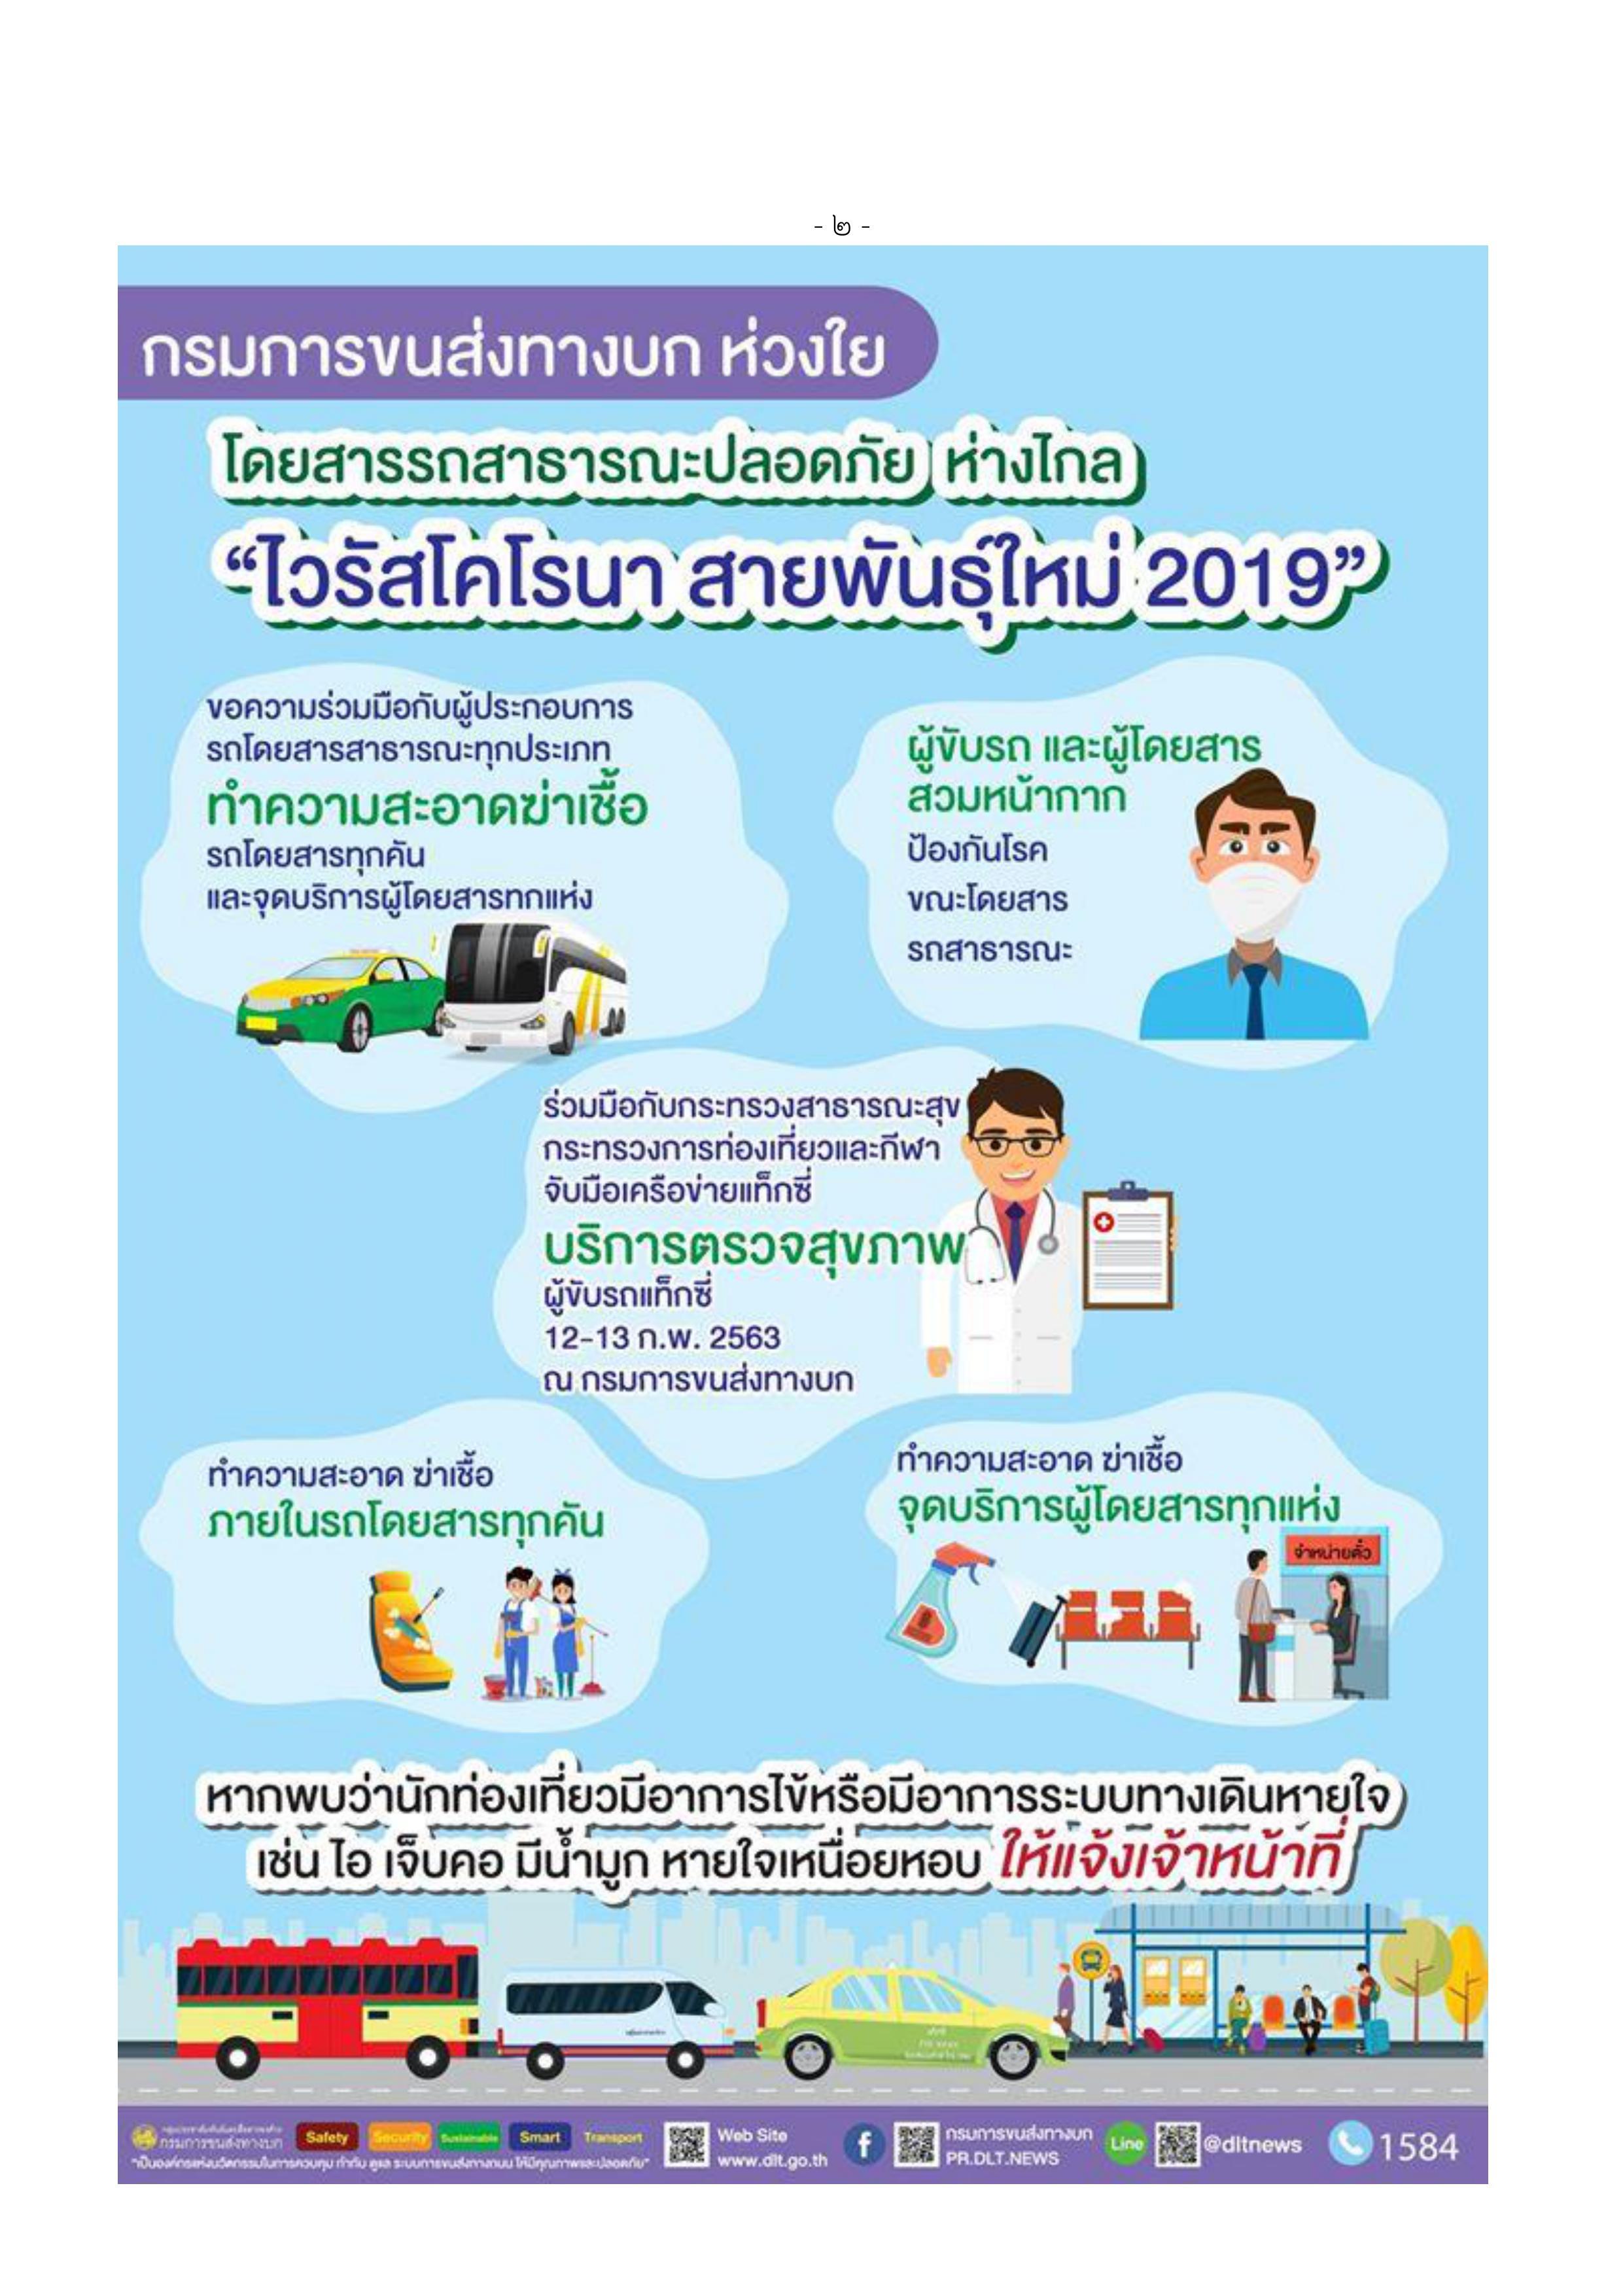 กระทรวงคมนาคม - กำชับคนขับรถสาธารณะ ดูแลสุขภาพอนามัยป้องกันเชื้อไวรัสโคโรน่าอย่างเคร่งคัด